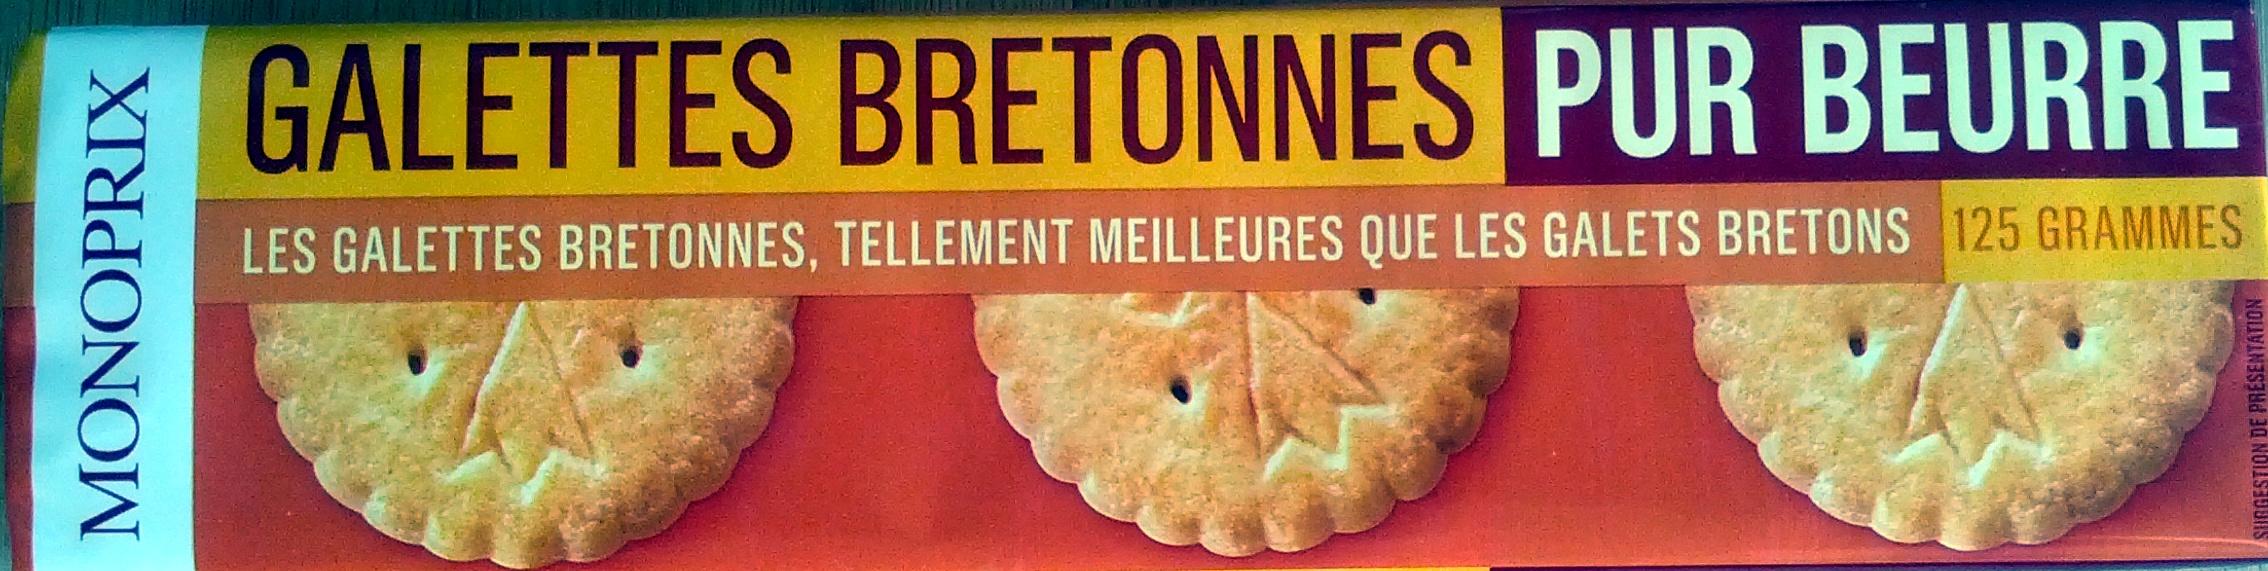 Galettes bretonnes pur beurre - 产品 - fr